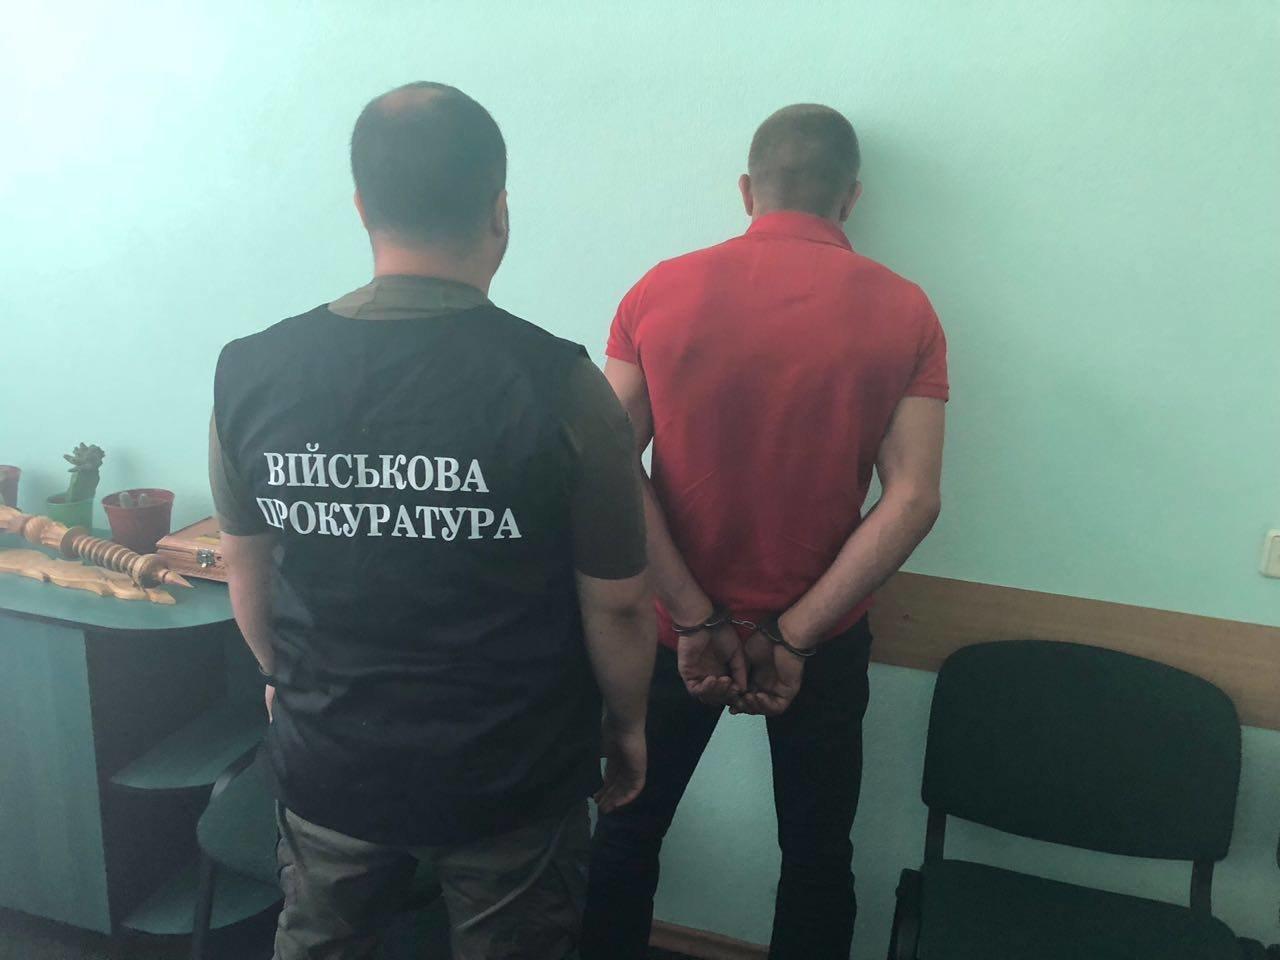 В херсонской полиции задержан взяточник, фото-1